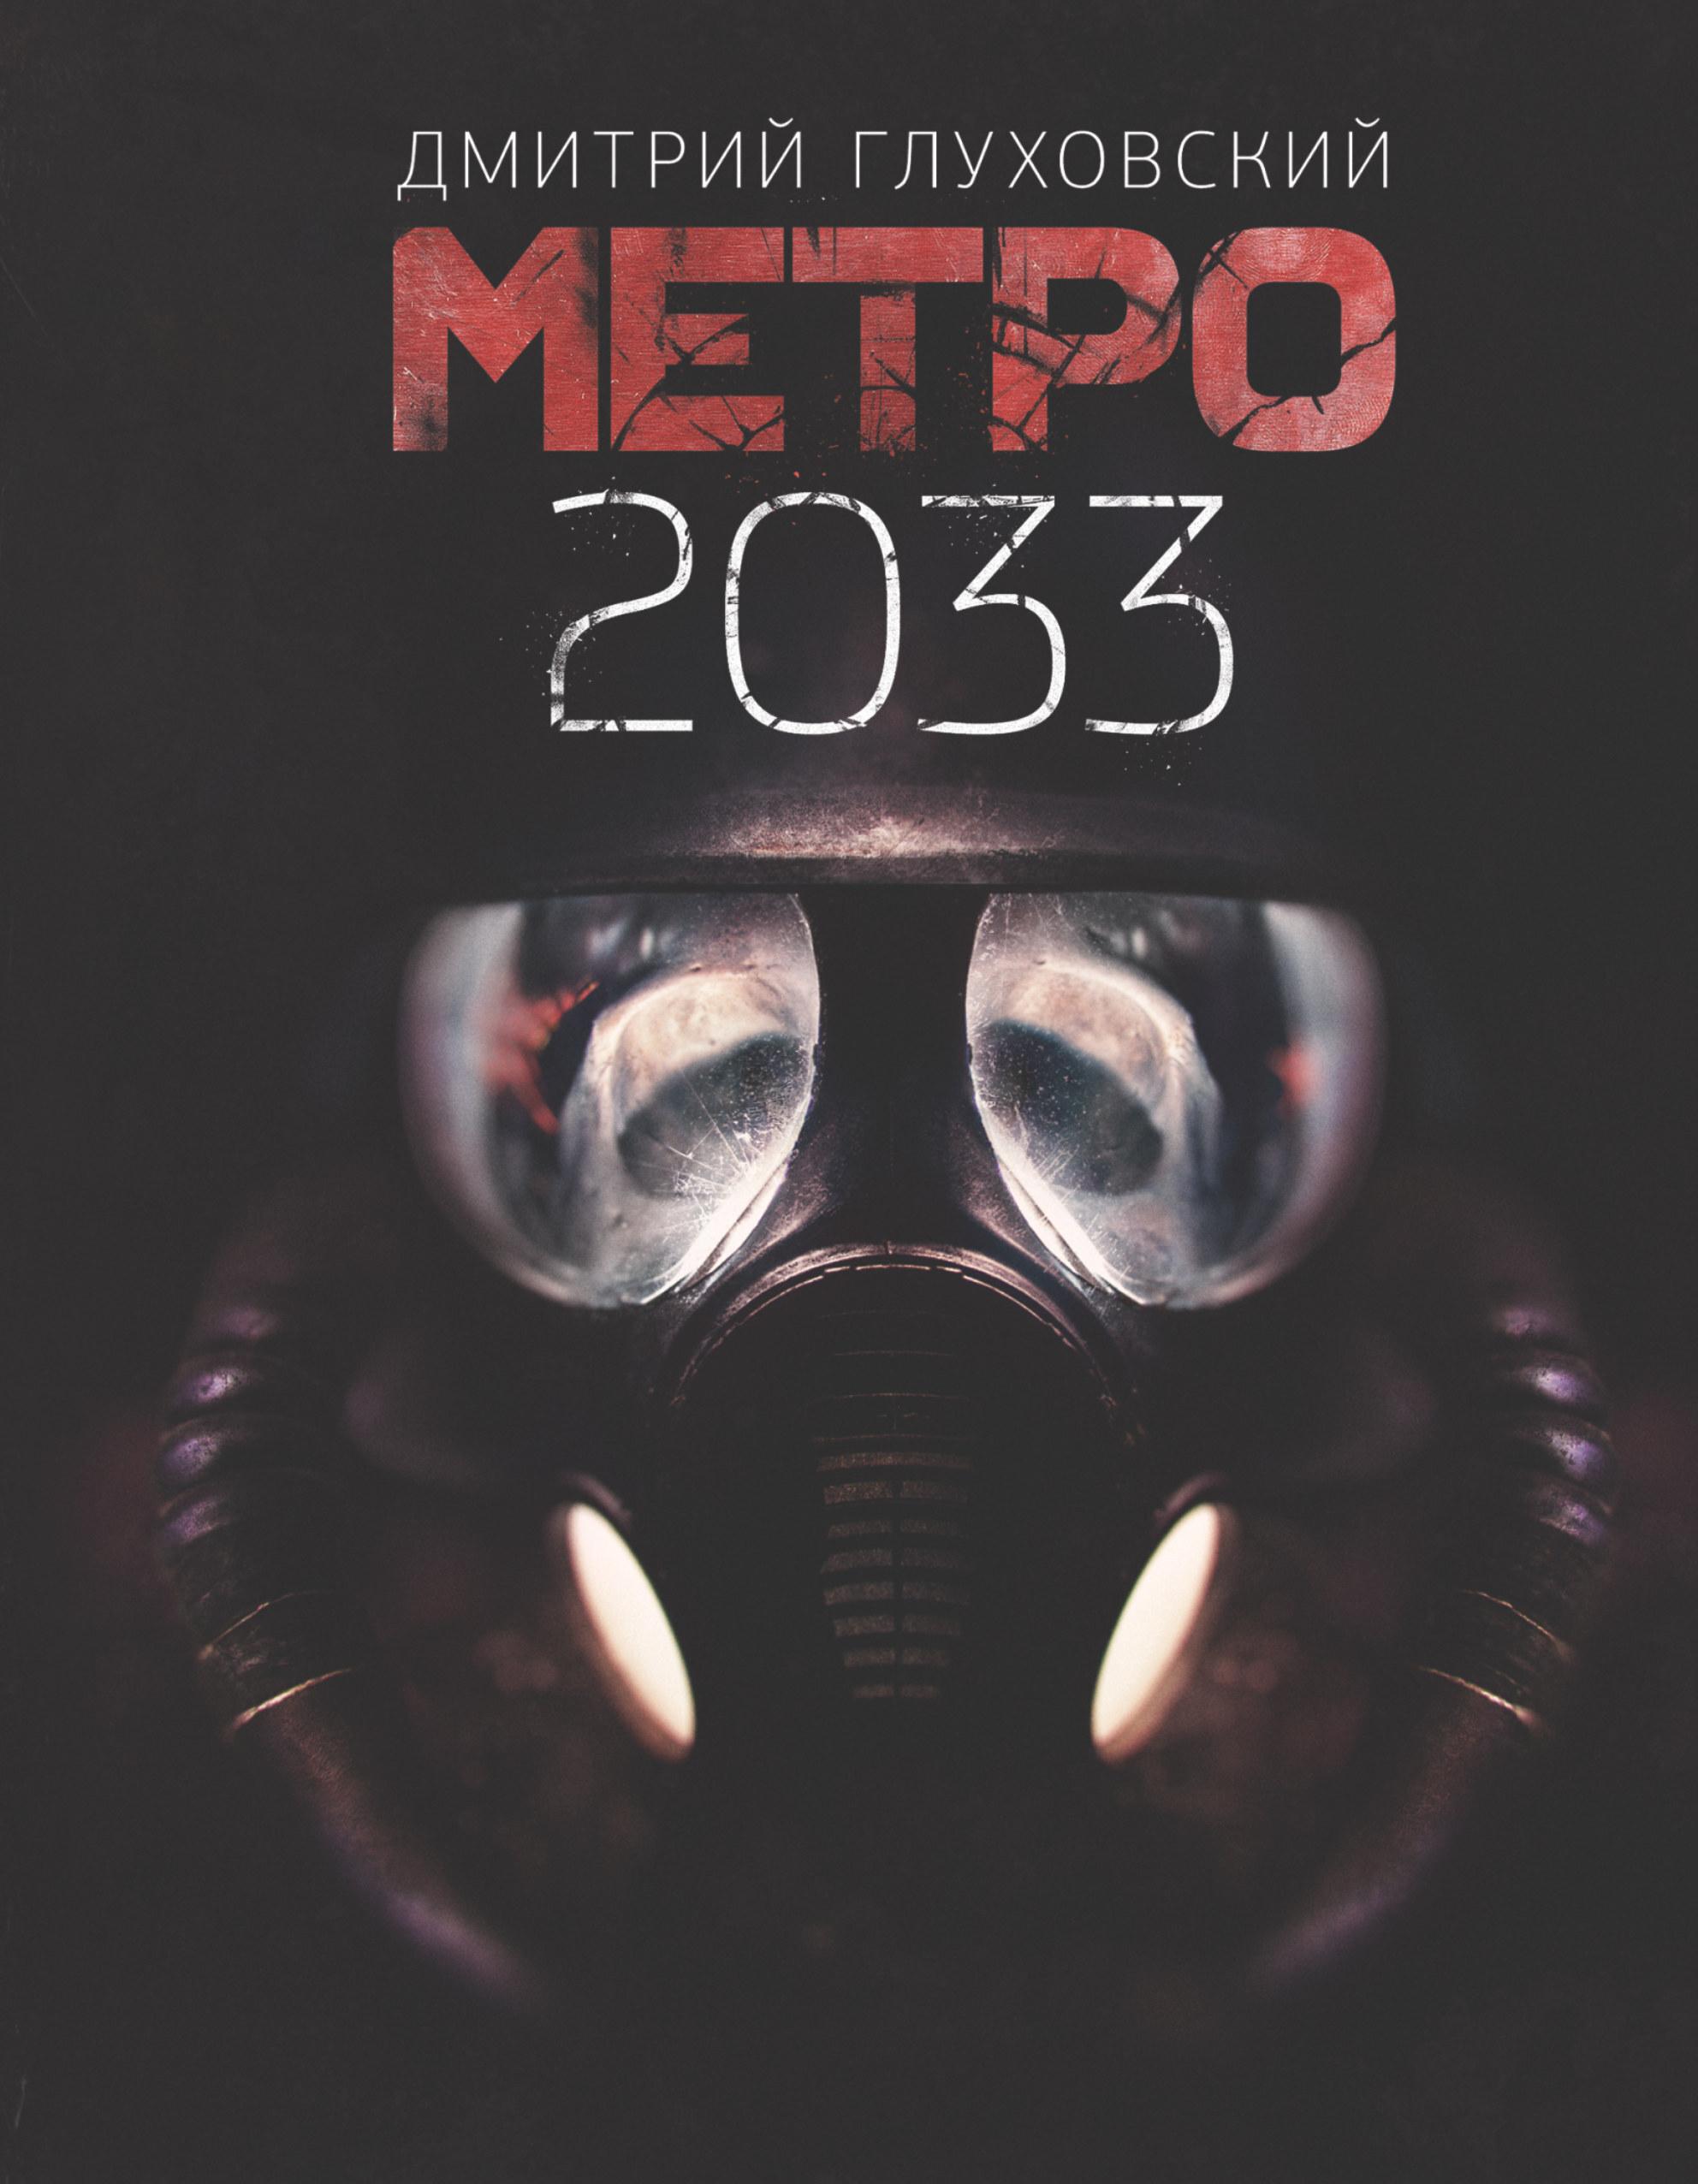 Метро 2033   Глуховский Дмитрий Алексеевич